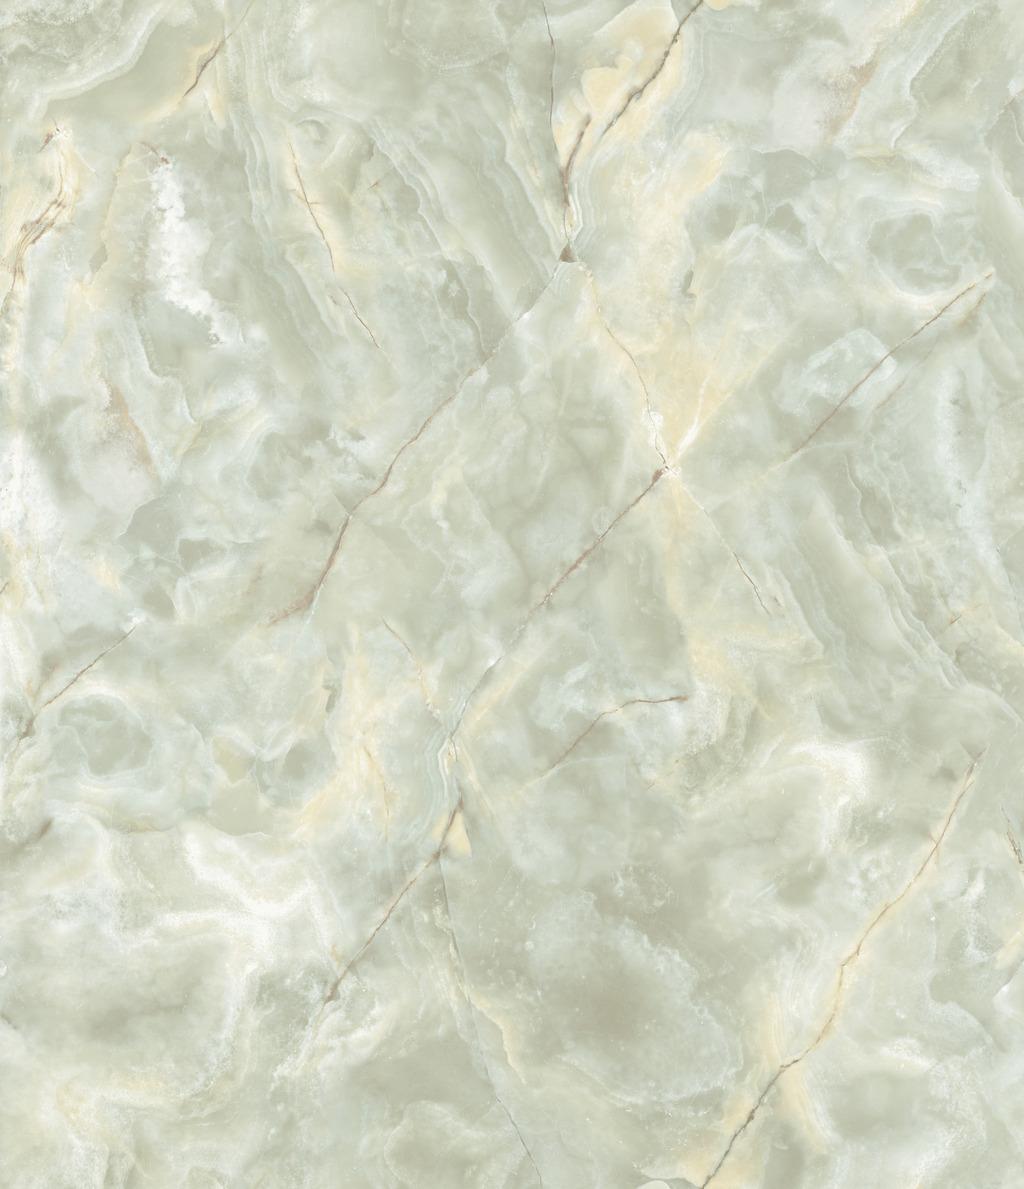 背景墙|装饰画 大理石贴图|木材贴图 大理石贴图 > 大理石高清贴图图片